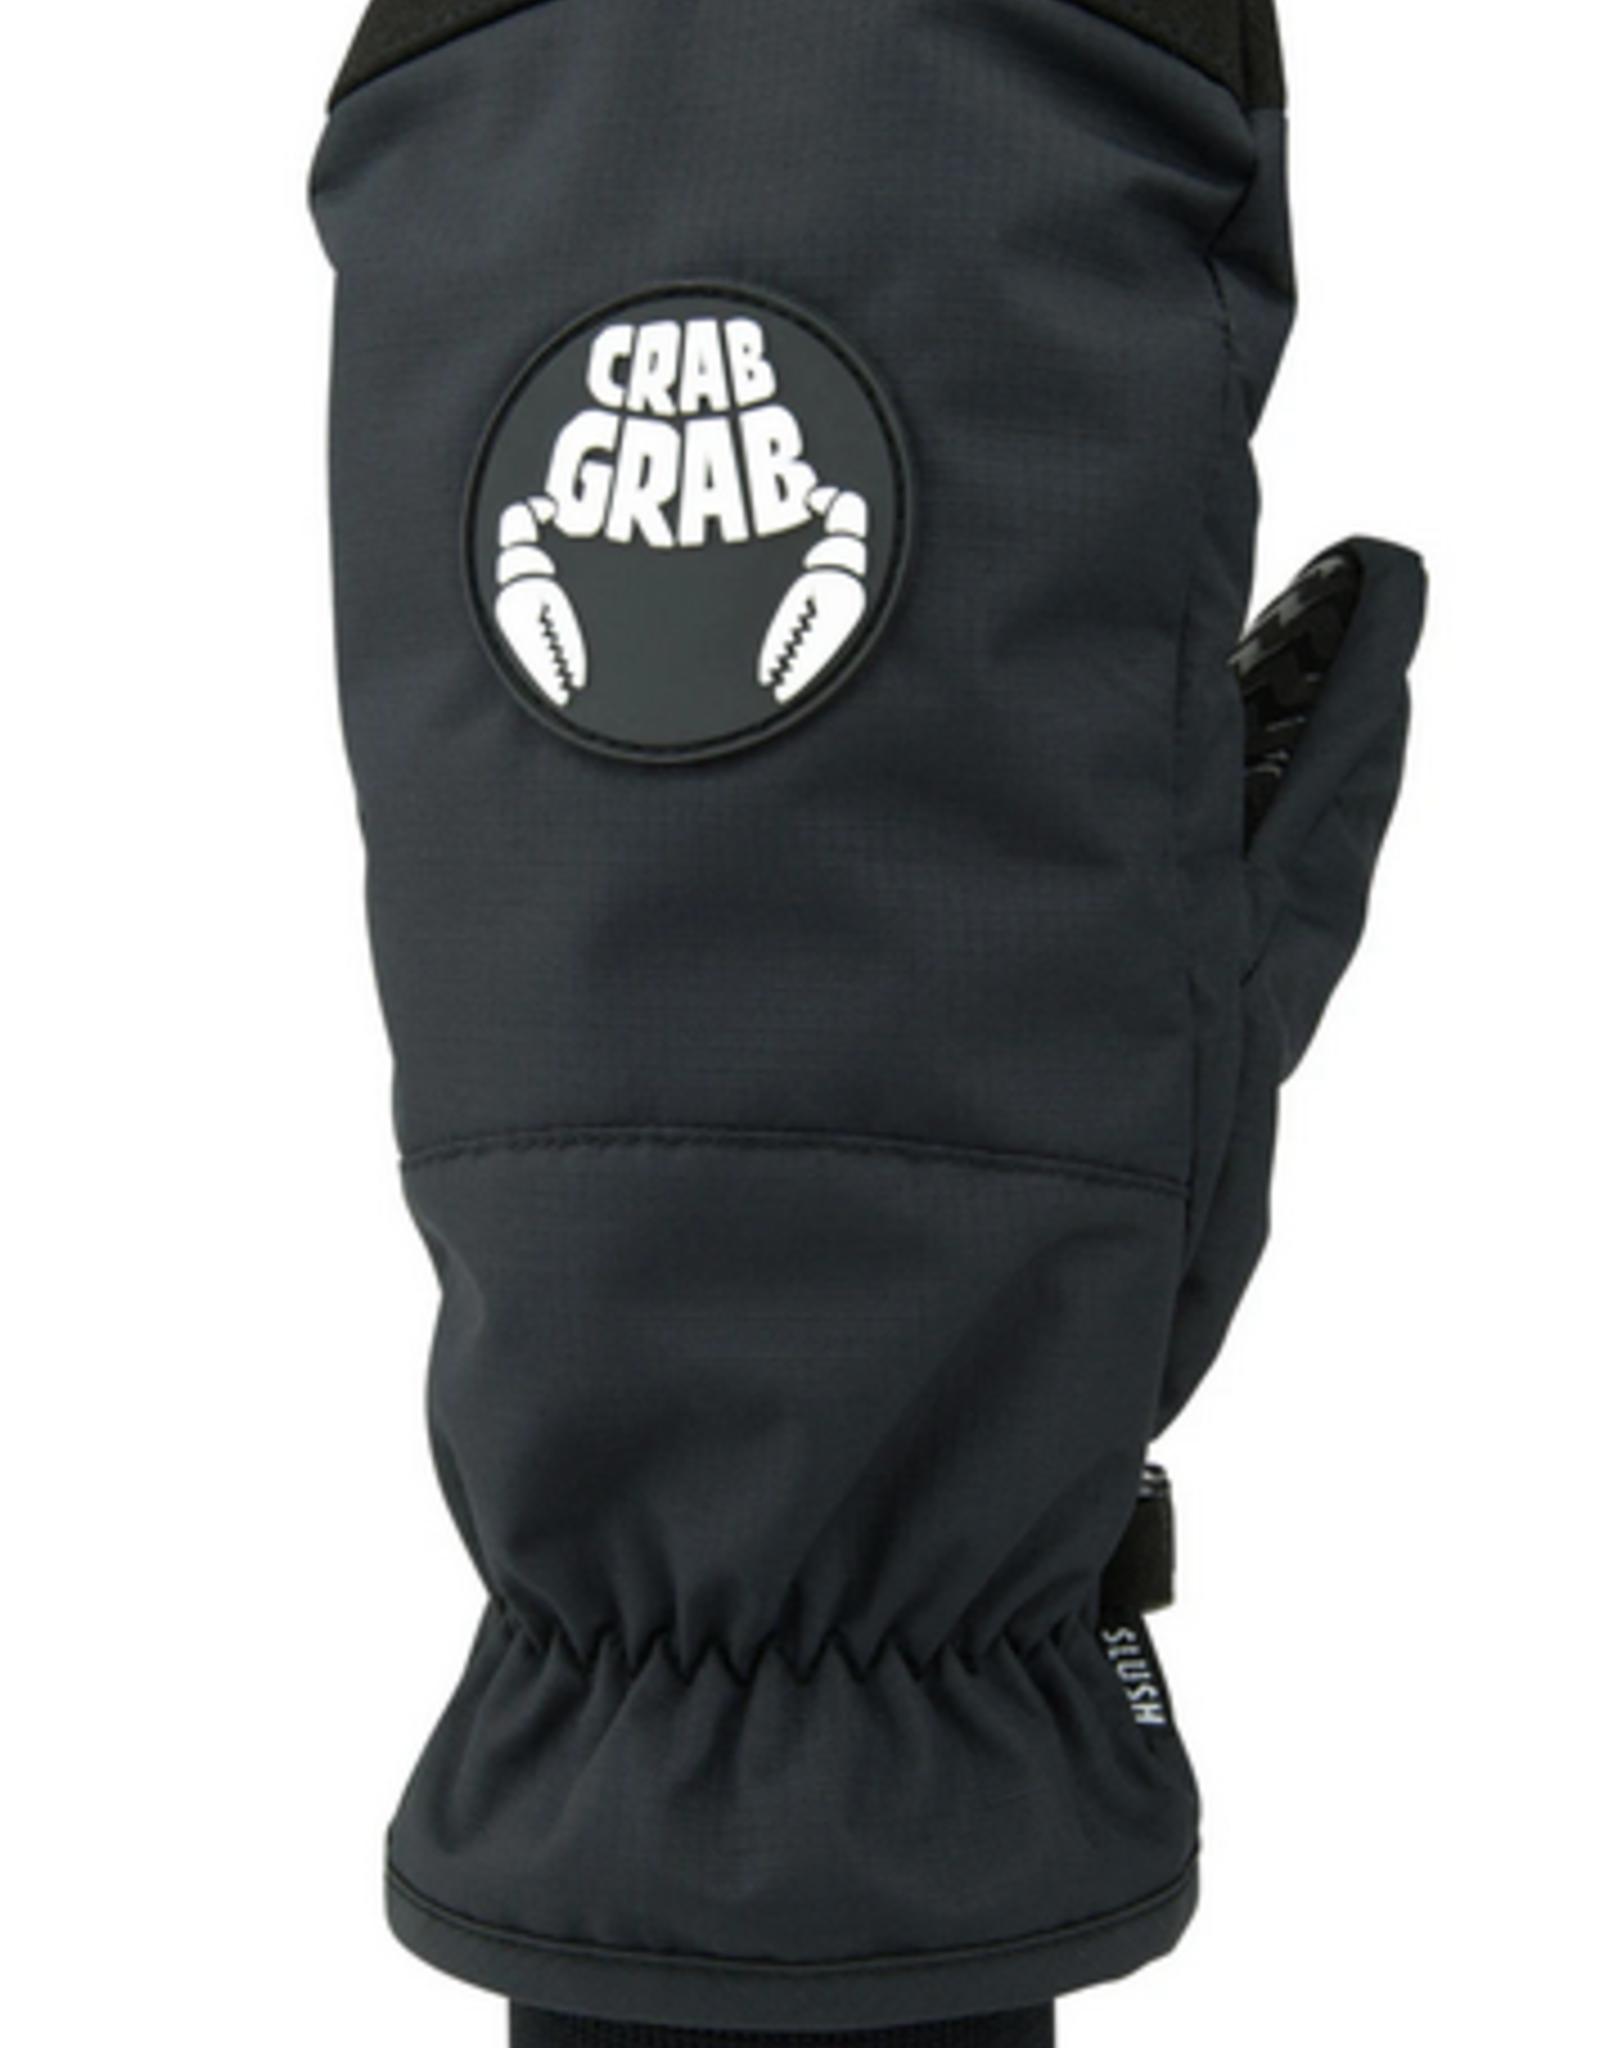 CRAB GRAB CRAB GRAB 2021 SLUSH MITT BLACK